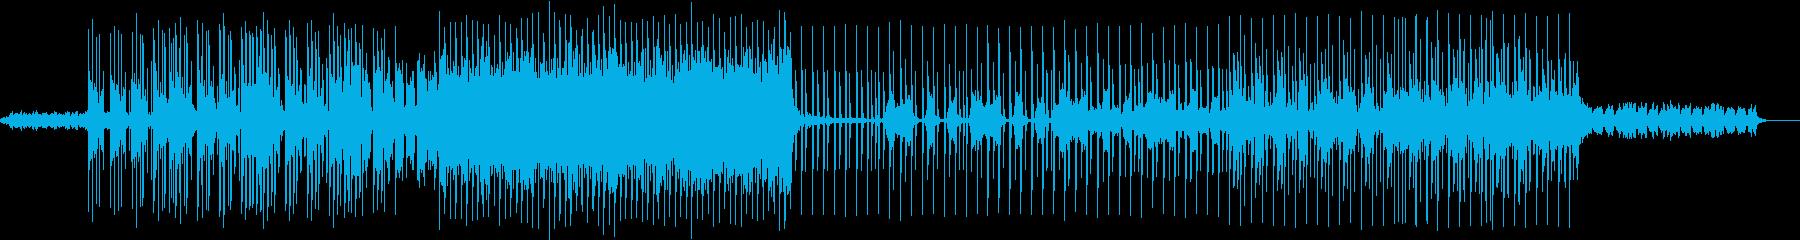 近未来的 オシャレでスタイリッシュの再生済みの波形